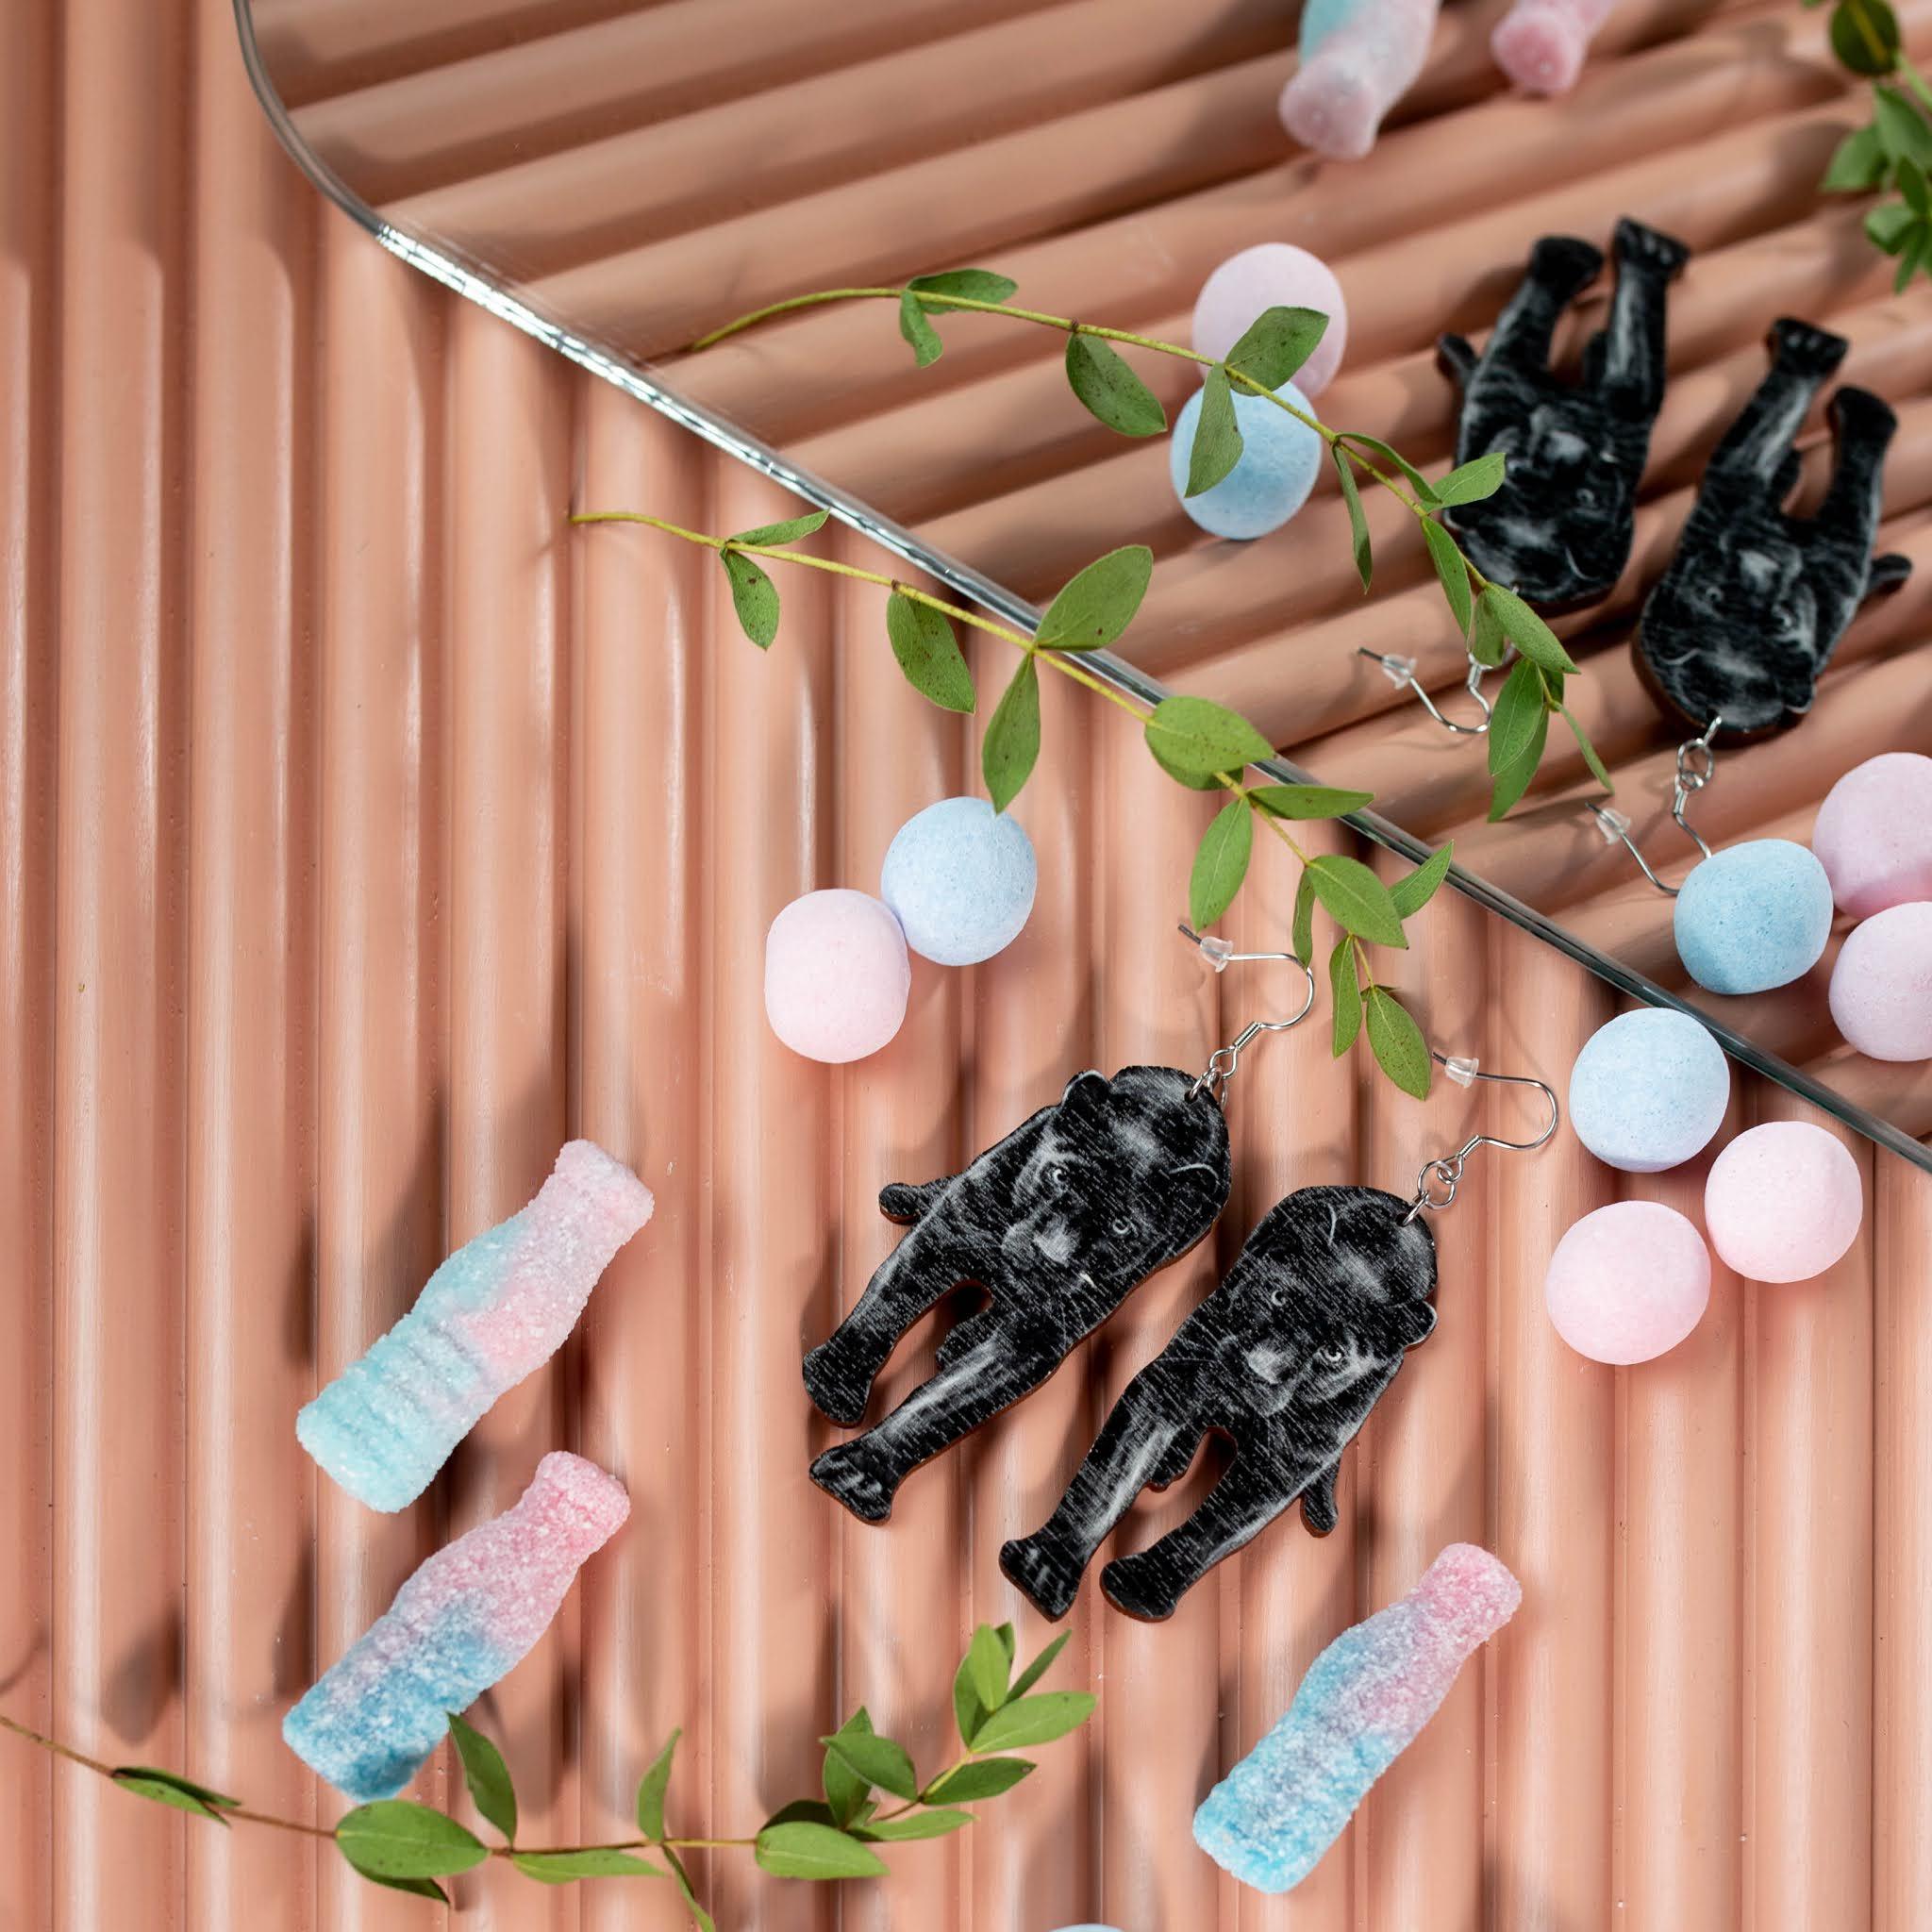 Vaaleanpunaisen sormipaneelin päällä pantteri korvakorut, irtokarkkeja, peili ja pieni lehtisiä eucalyptuksen oksia.